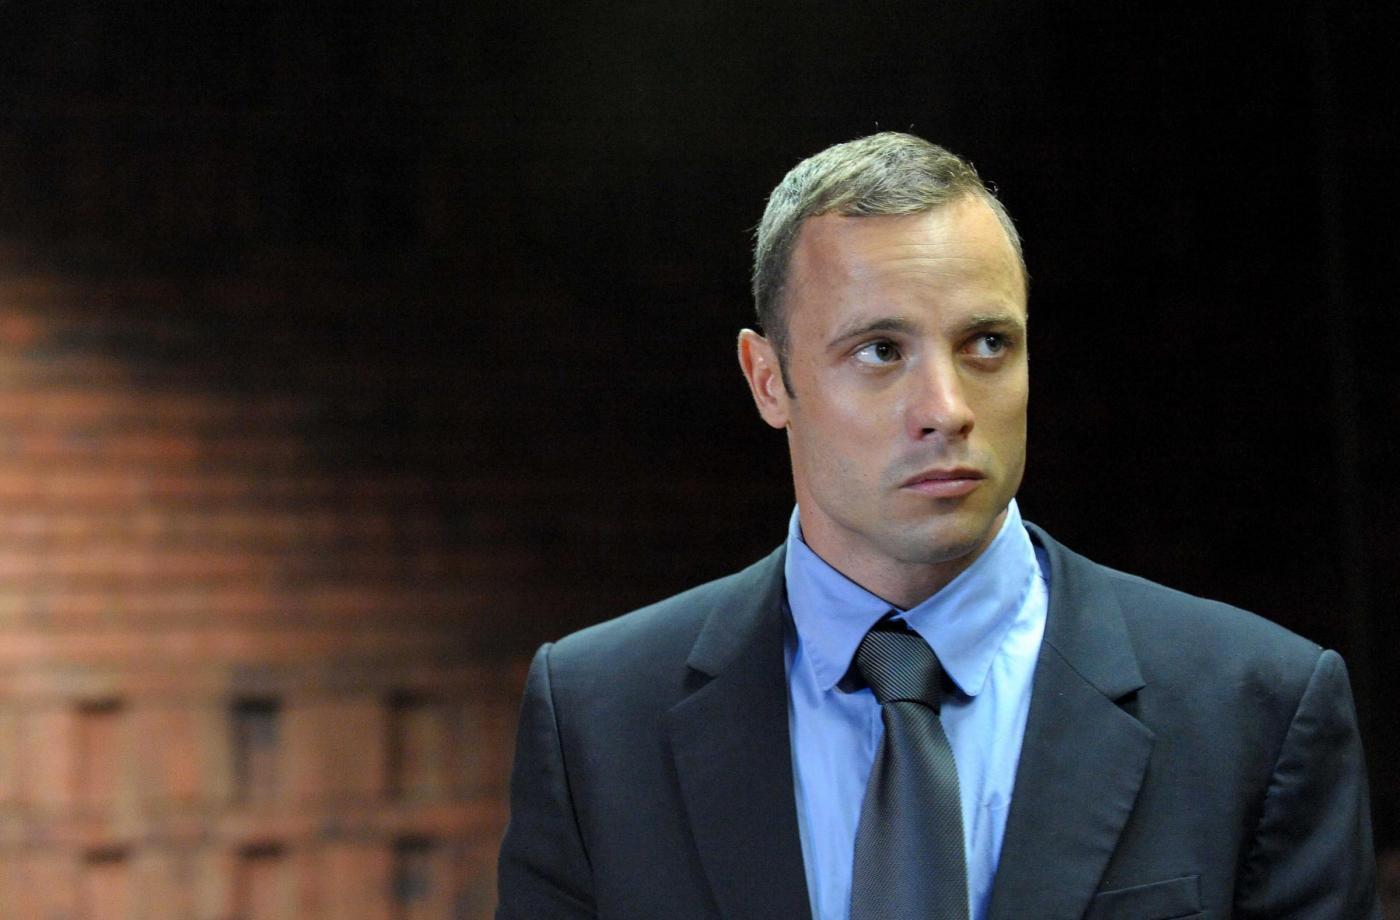 Oscar Pistorius condannato per omicidio doloso: la storia del processo per la morte di Reeva Steenkamp